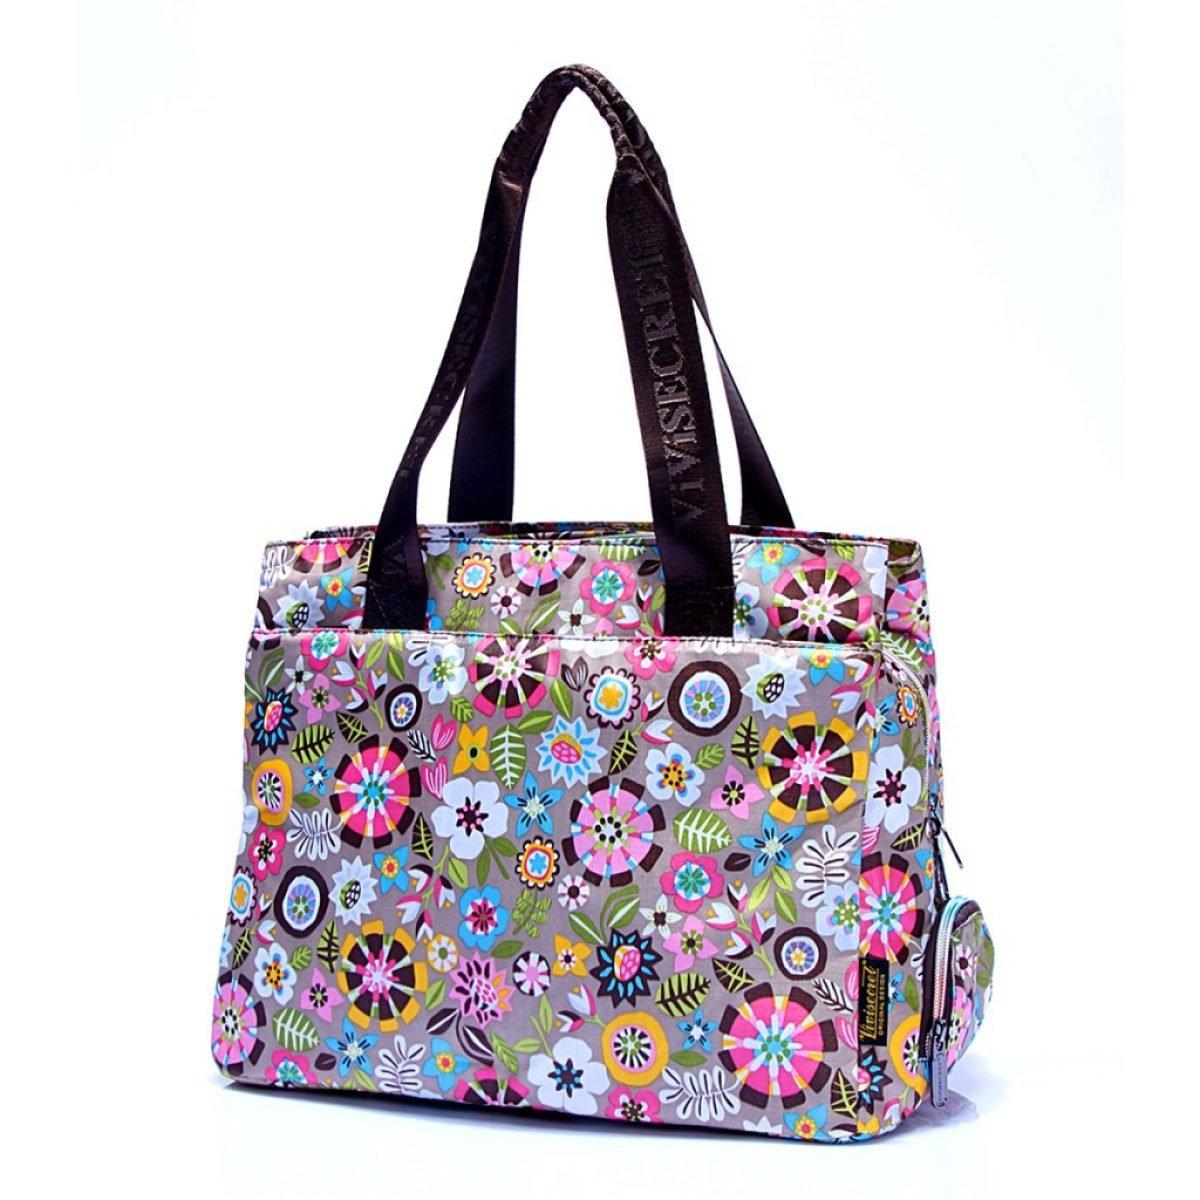 DUYANGANG DUYANGANG DUYANGANG Farbdruckhandtasche Taschen B07144VG4X Henkeltaschen Günstige Bestellung 6c6bd1